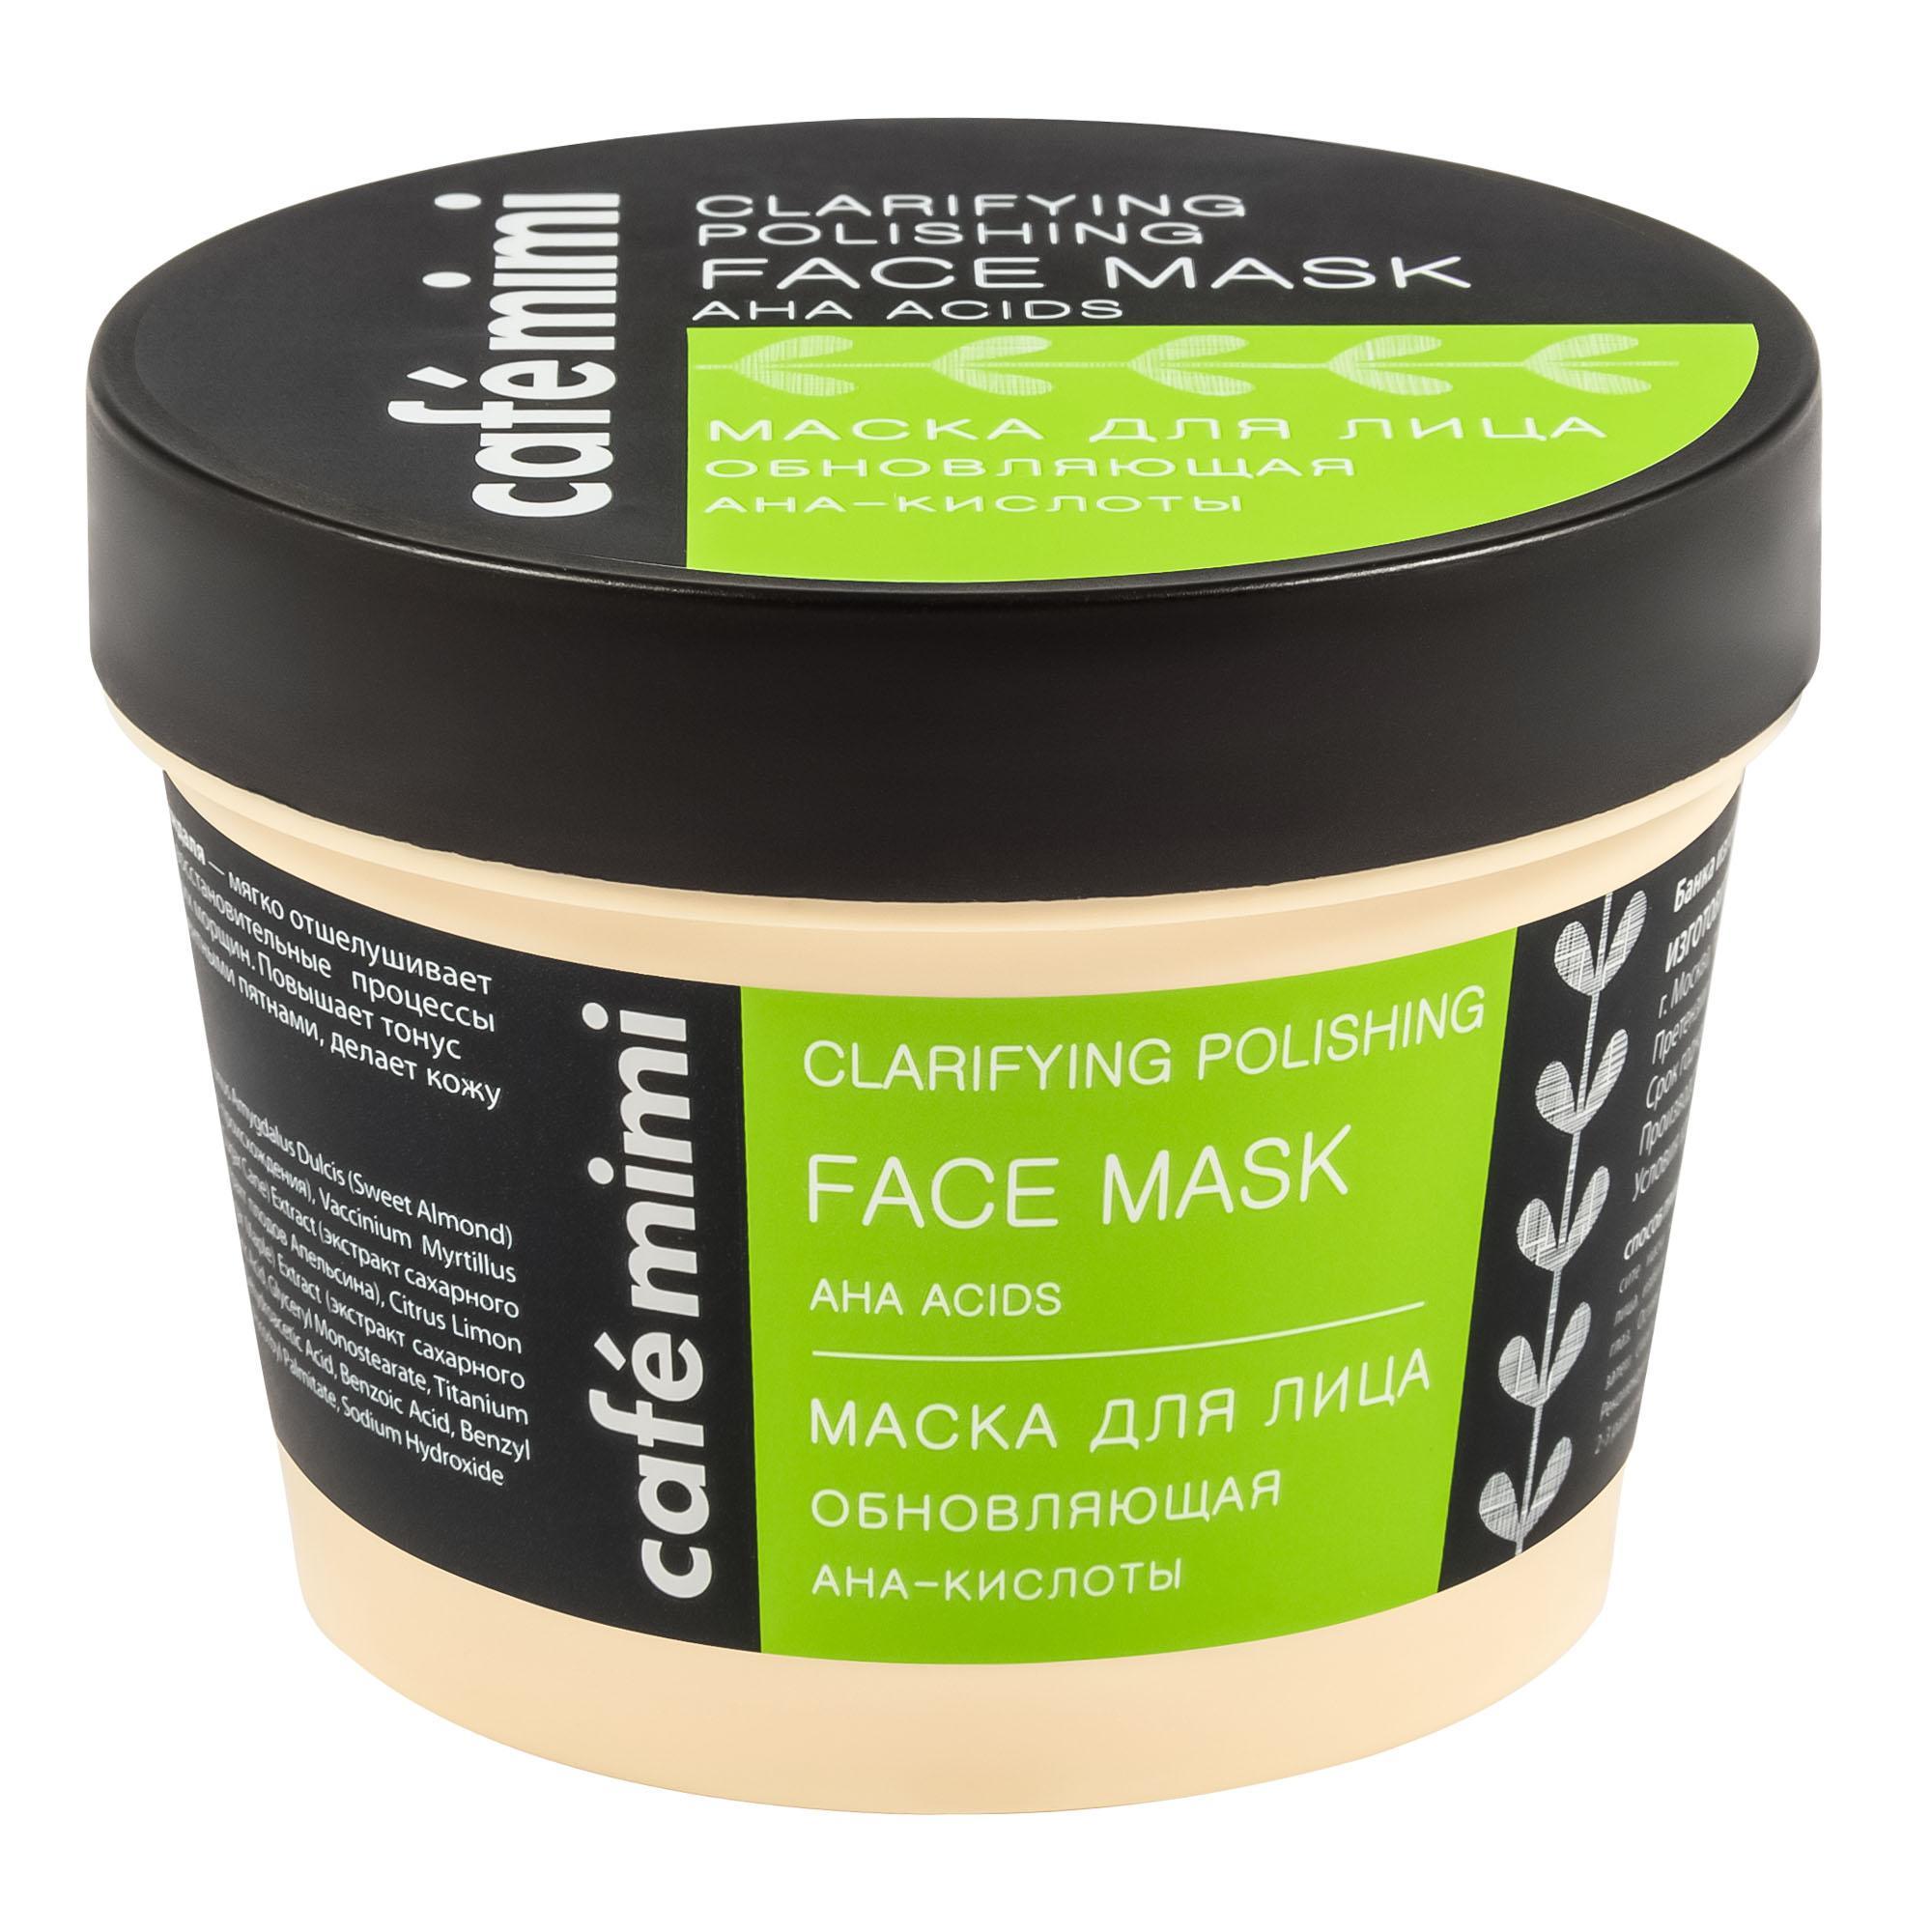 Café Mimi Mascarilla Facial Renovadora  Ácidos AHA 110 ml